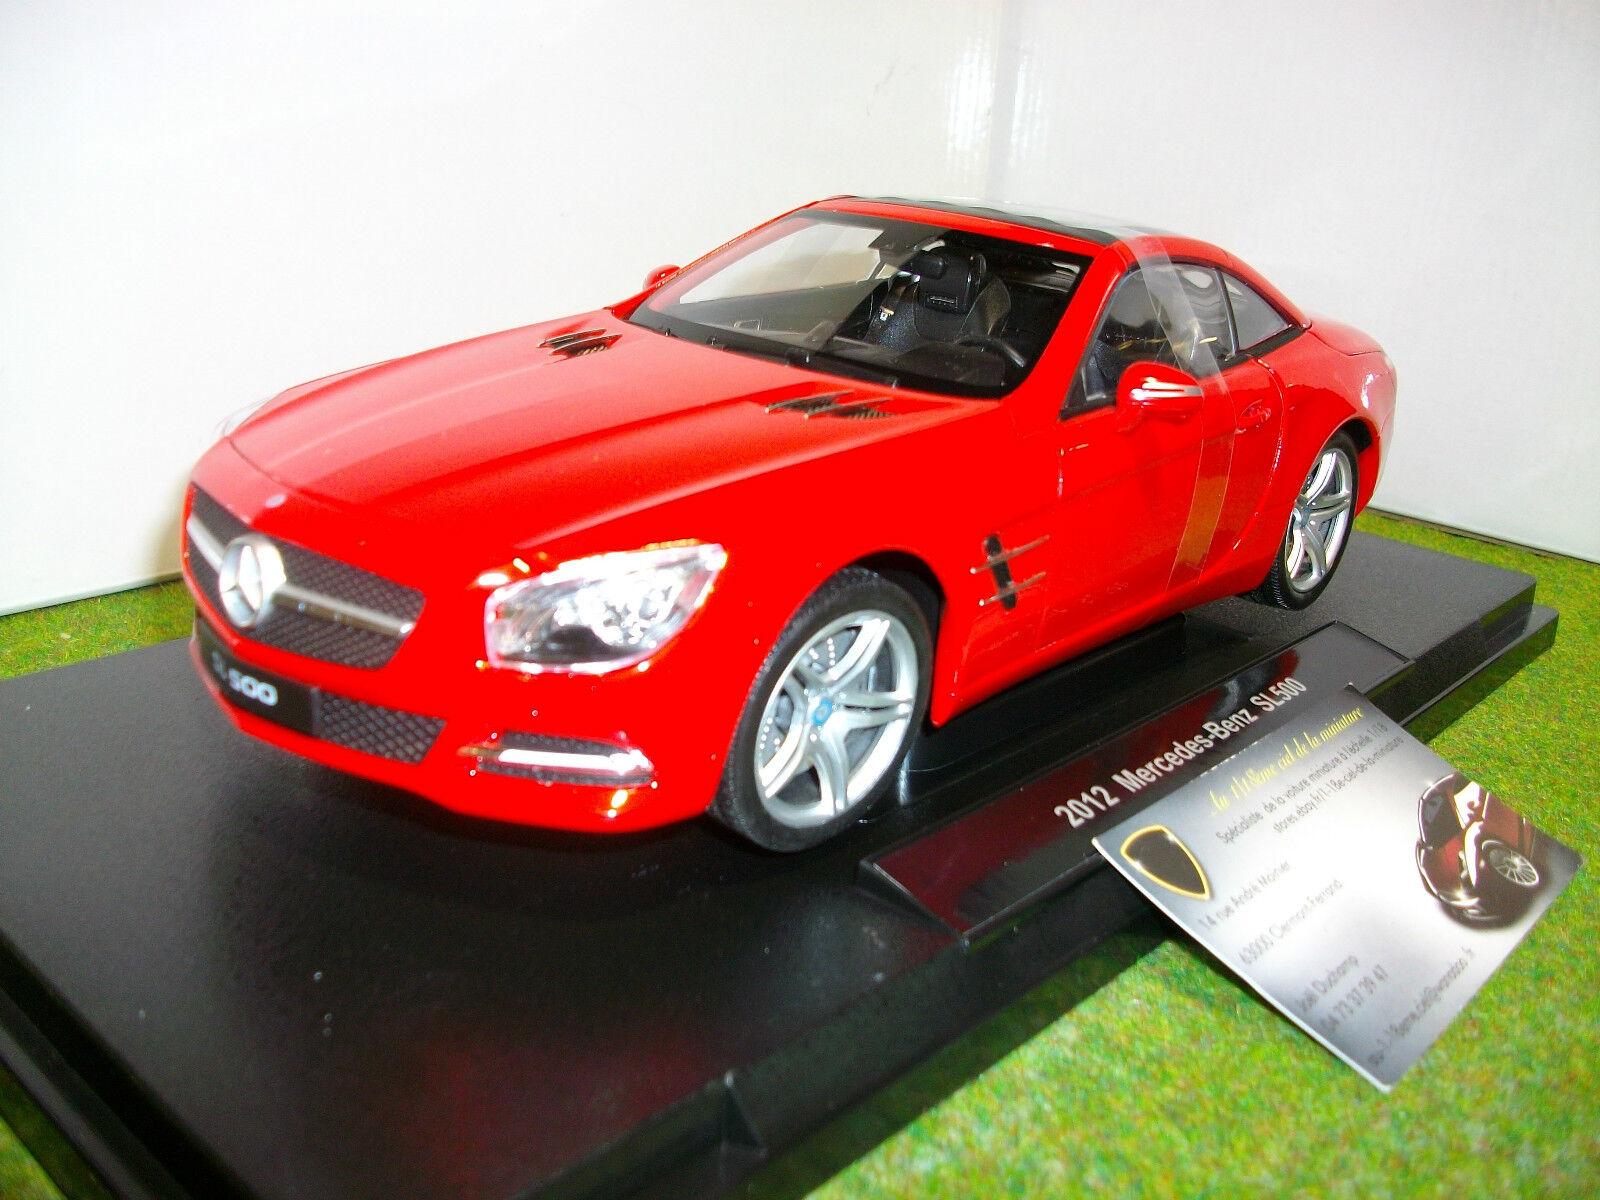 Mercedes benz sl 500 hard top 2012 rouge 1 18  welly 18046hw miniature voiture  première réponse